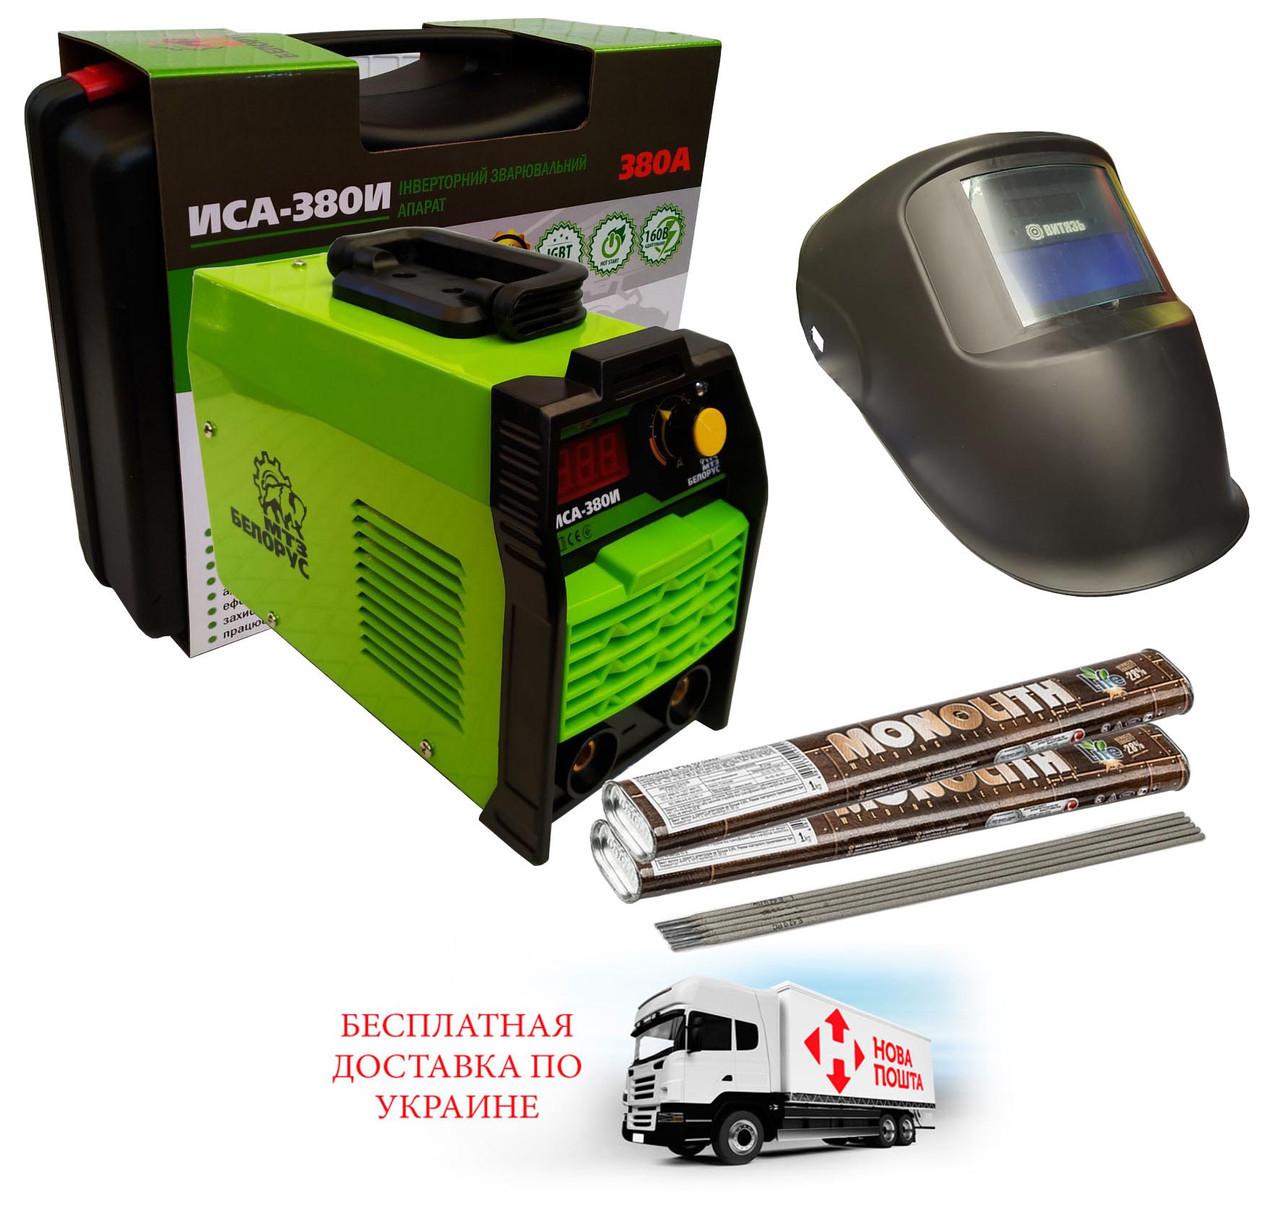 Сварочный инвертор Белорус ИСА 380И + маска сварщика (хамелеон)+2кг электродов 3мм+чемодан